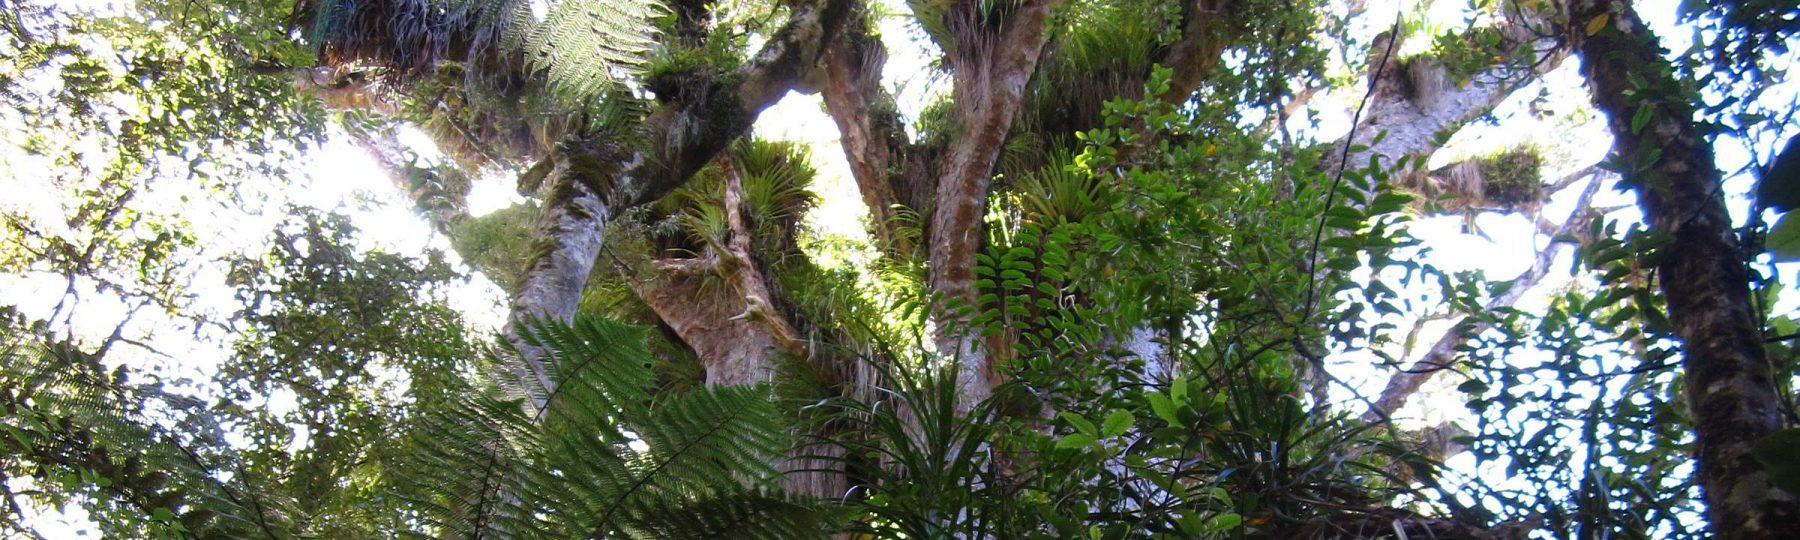 Kauri Tree auf Neuseeland